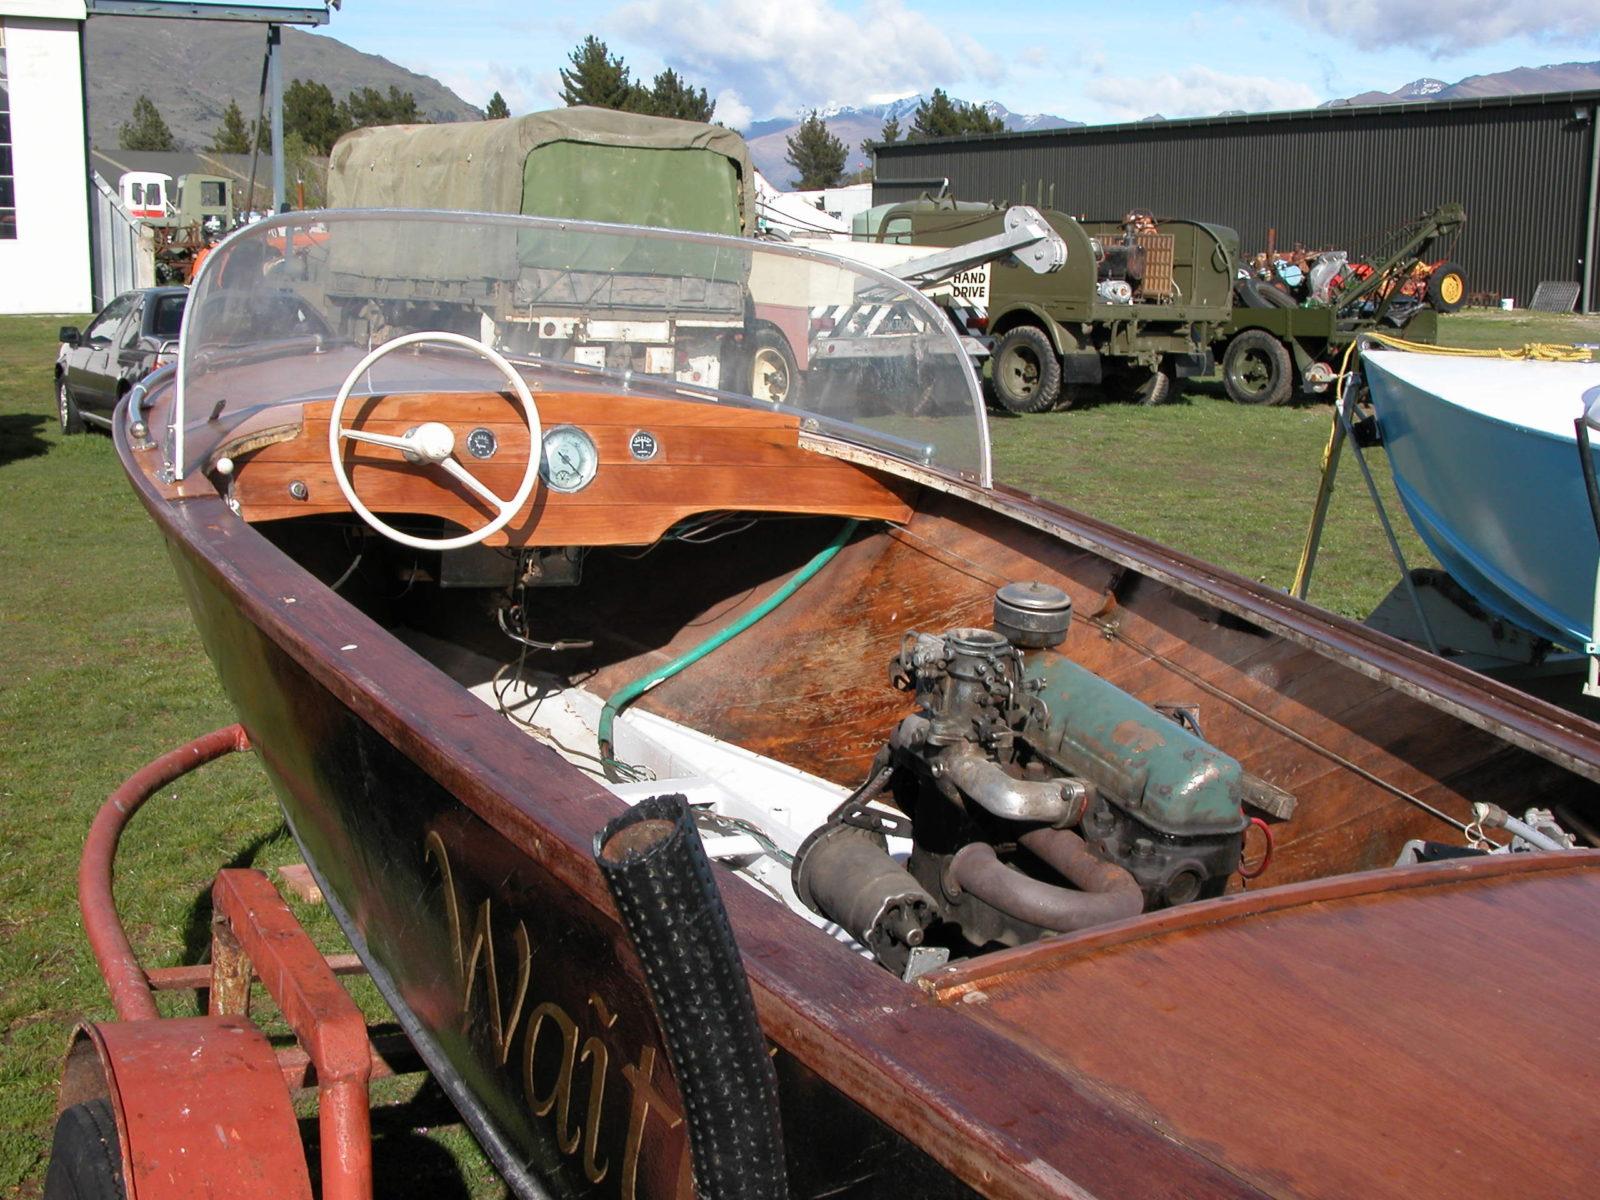 Hamilton Jet Boat